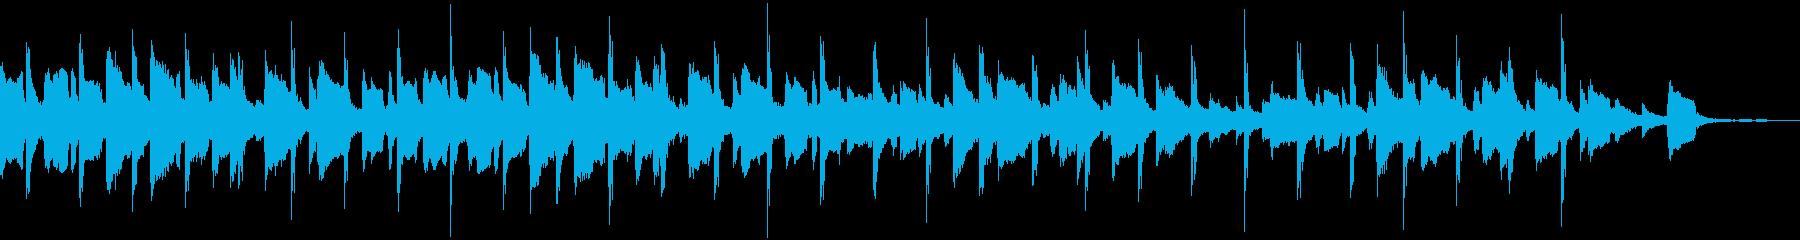 ウクレレリコーダーの明るい楽曲ドラム無短の再生済みの波形